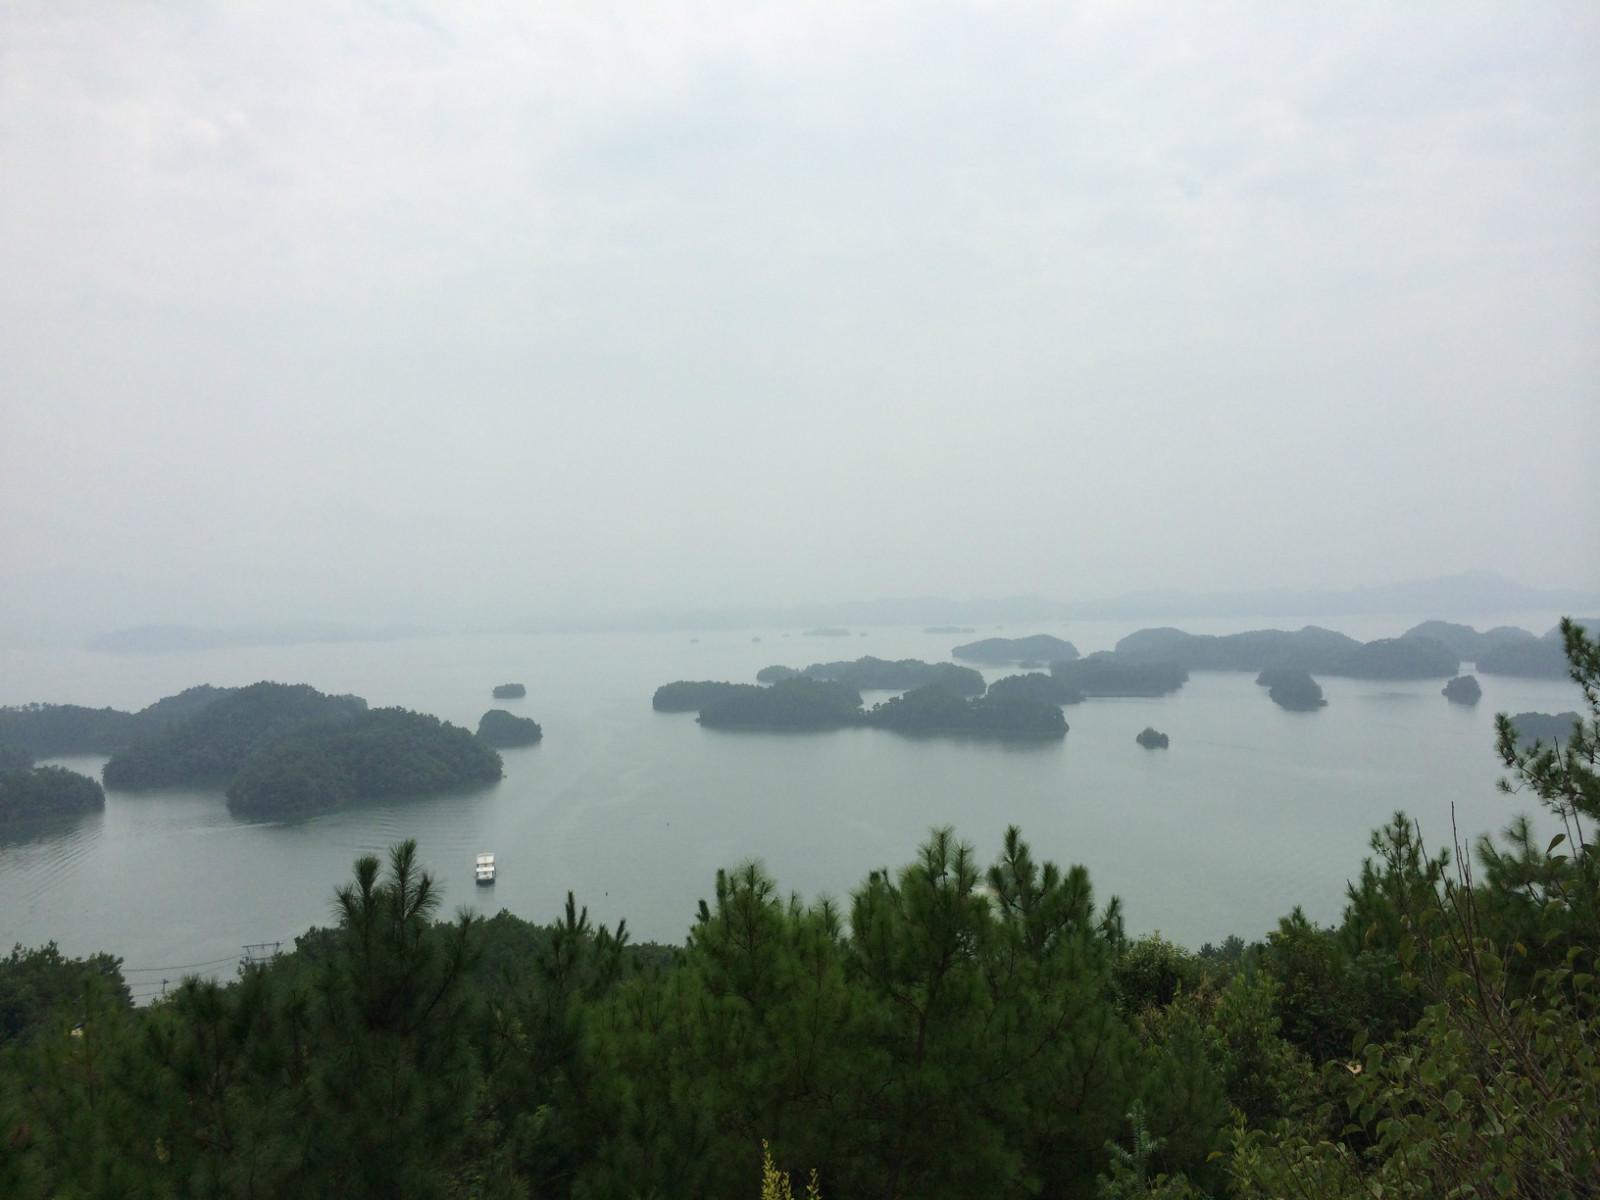 中秋千岛湖自驾游